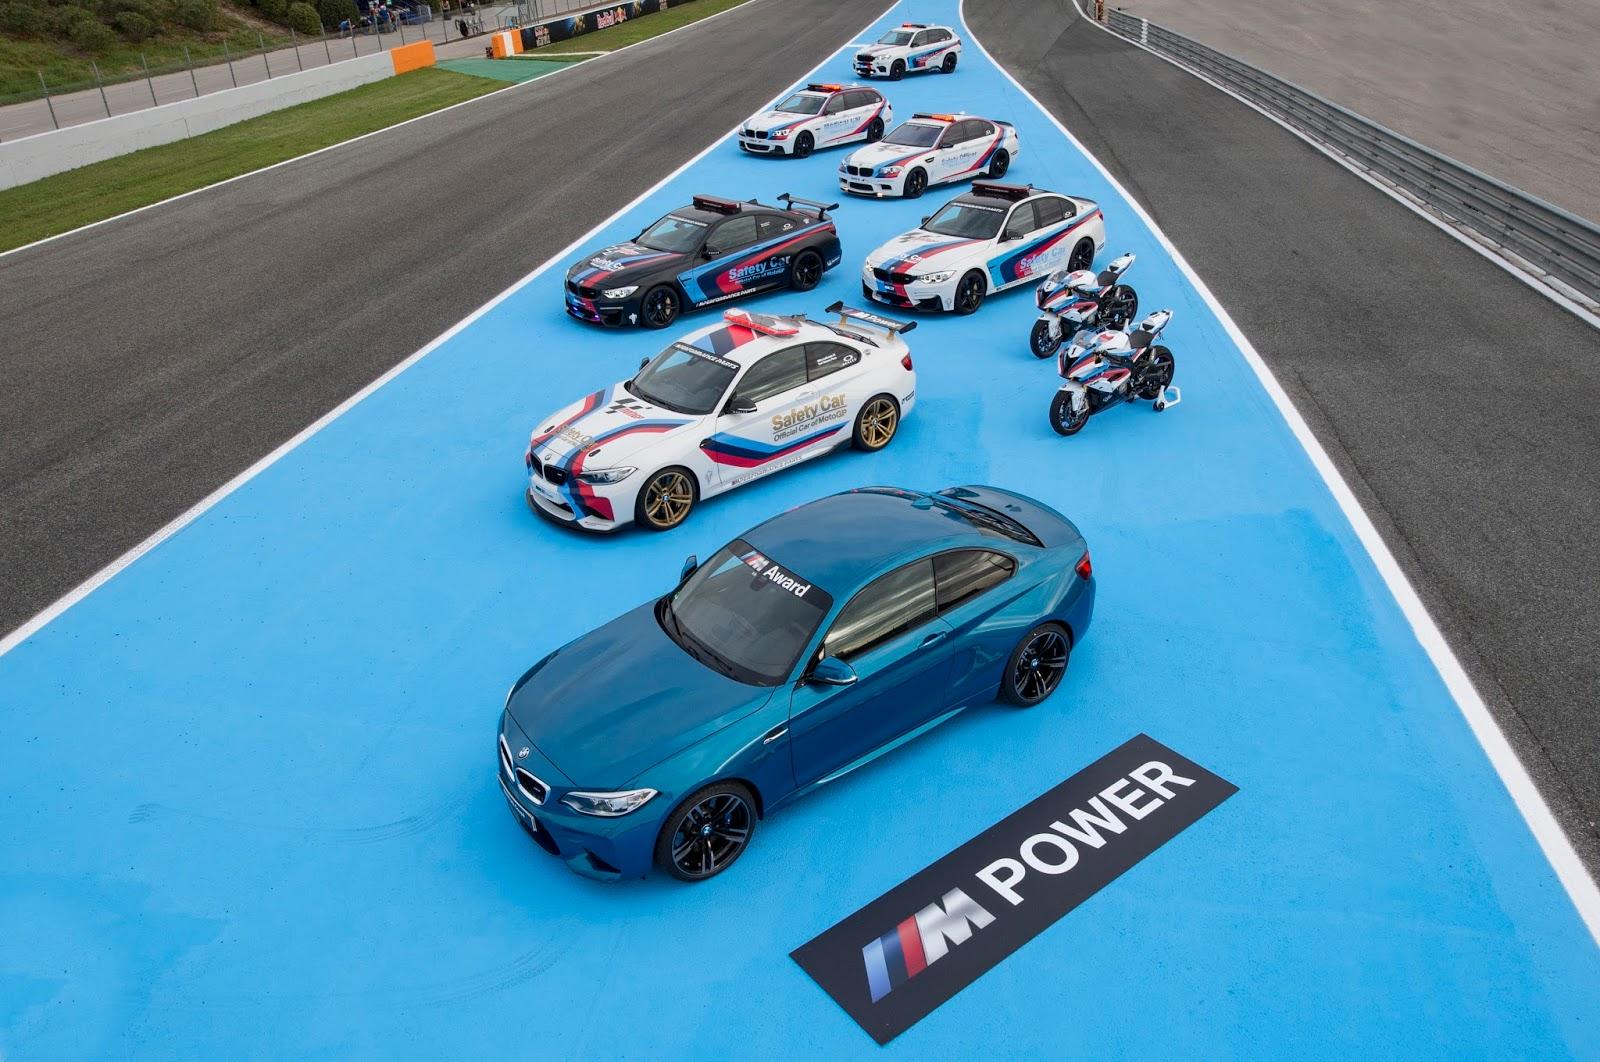 P90216941 highRes 2016 bmw m award pre Μια BMW M2 Coupé το έπαθλο για τον ταχύτερο στις κατατακτήριες δοκιμές στο MotoGP™ BMW M, BMW M Performance, BMW M2, MotoGP, Safety Car